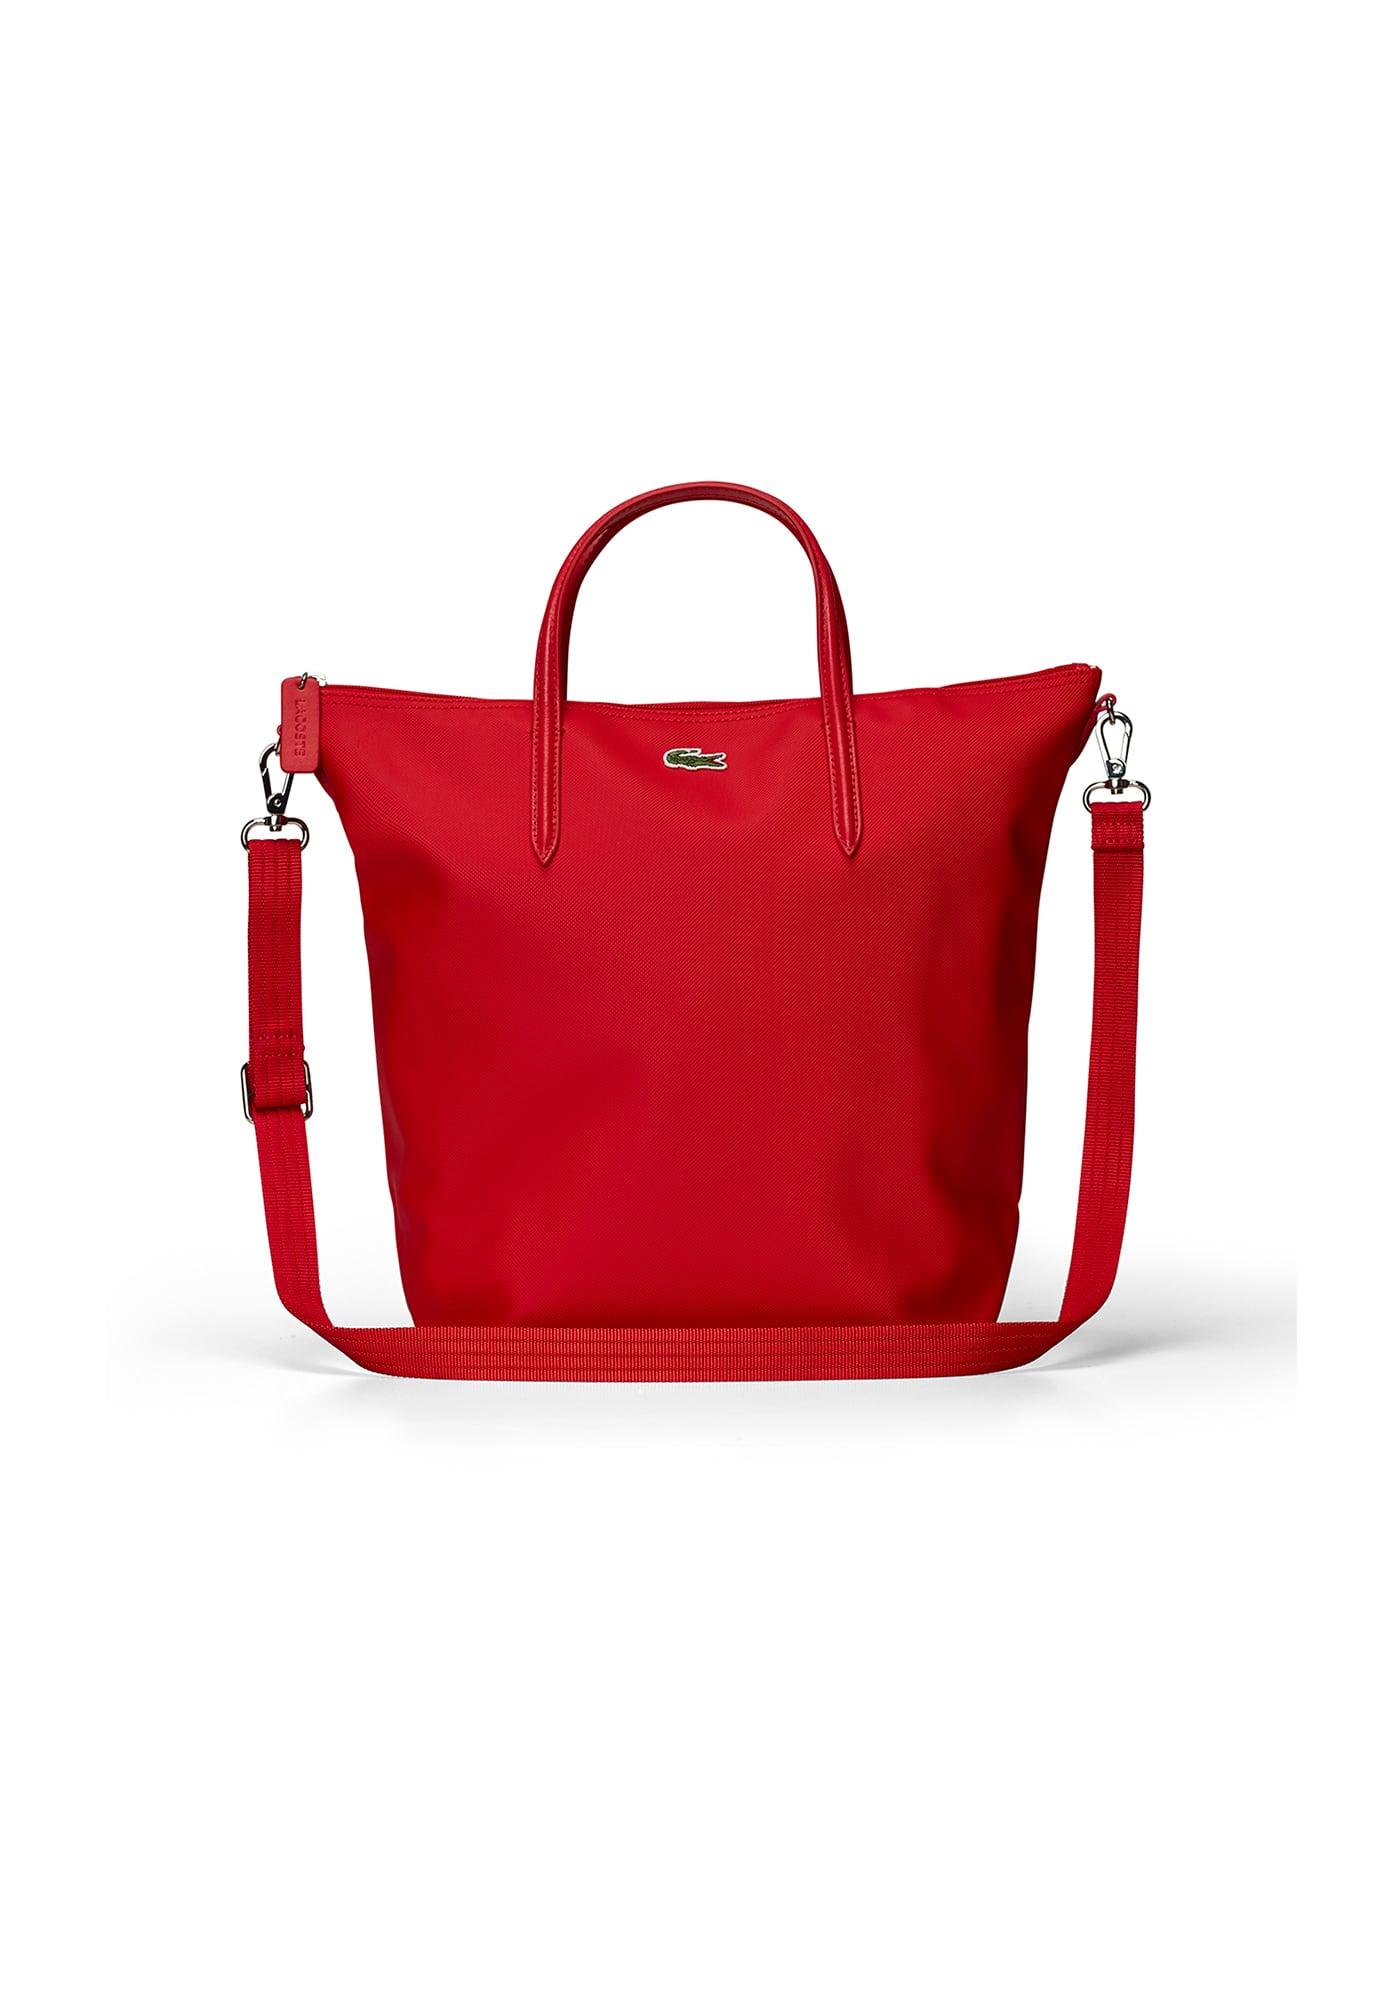 Coleção de Bolsas e Bolsas de Mão   Leather Goods Femininos   LACOSTE bbc34bbc96